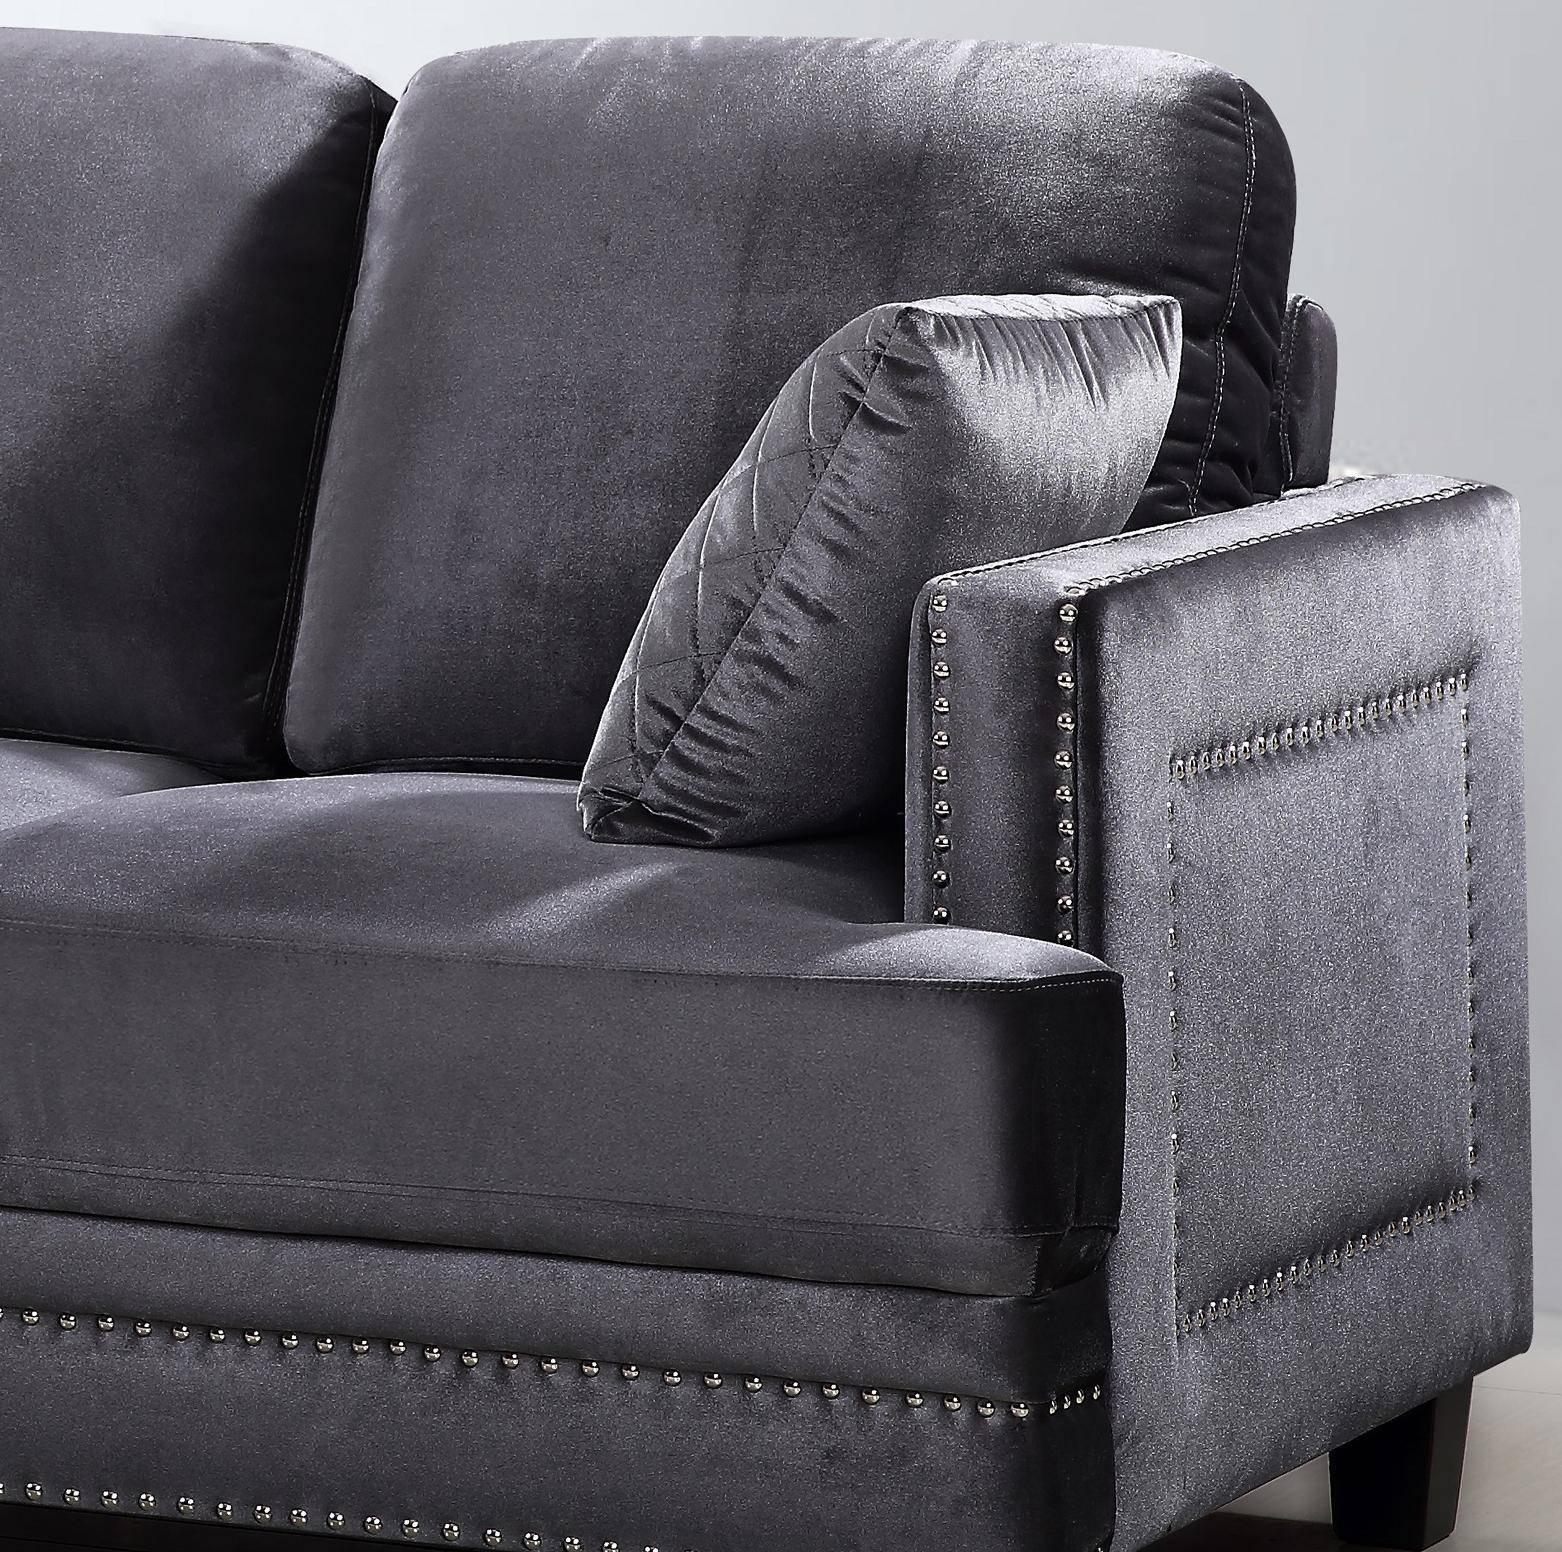 meridian ferrara sectional sofa left hand chase in gray velvet